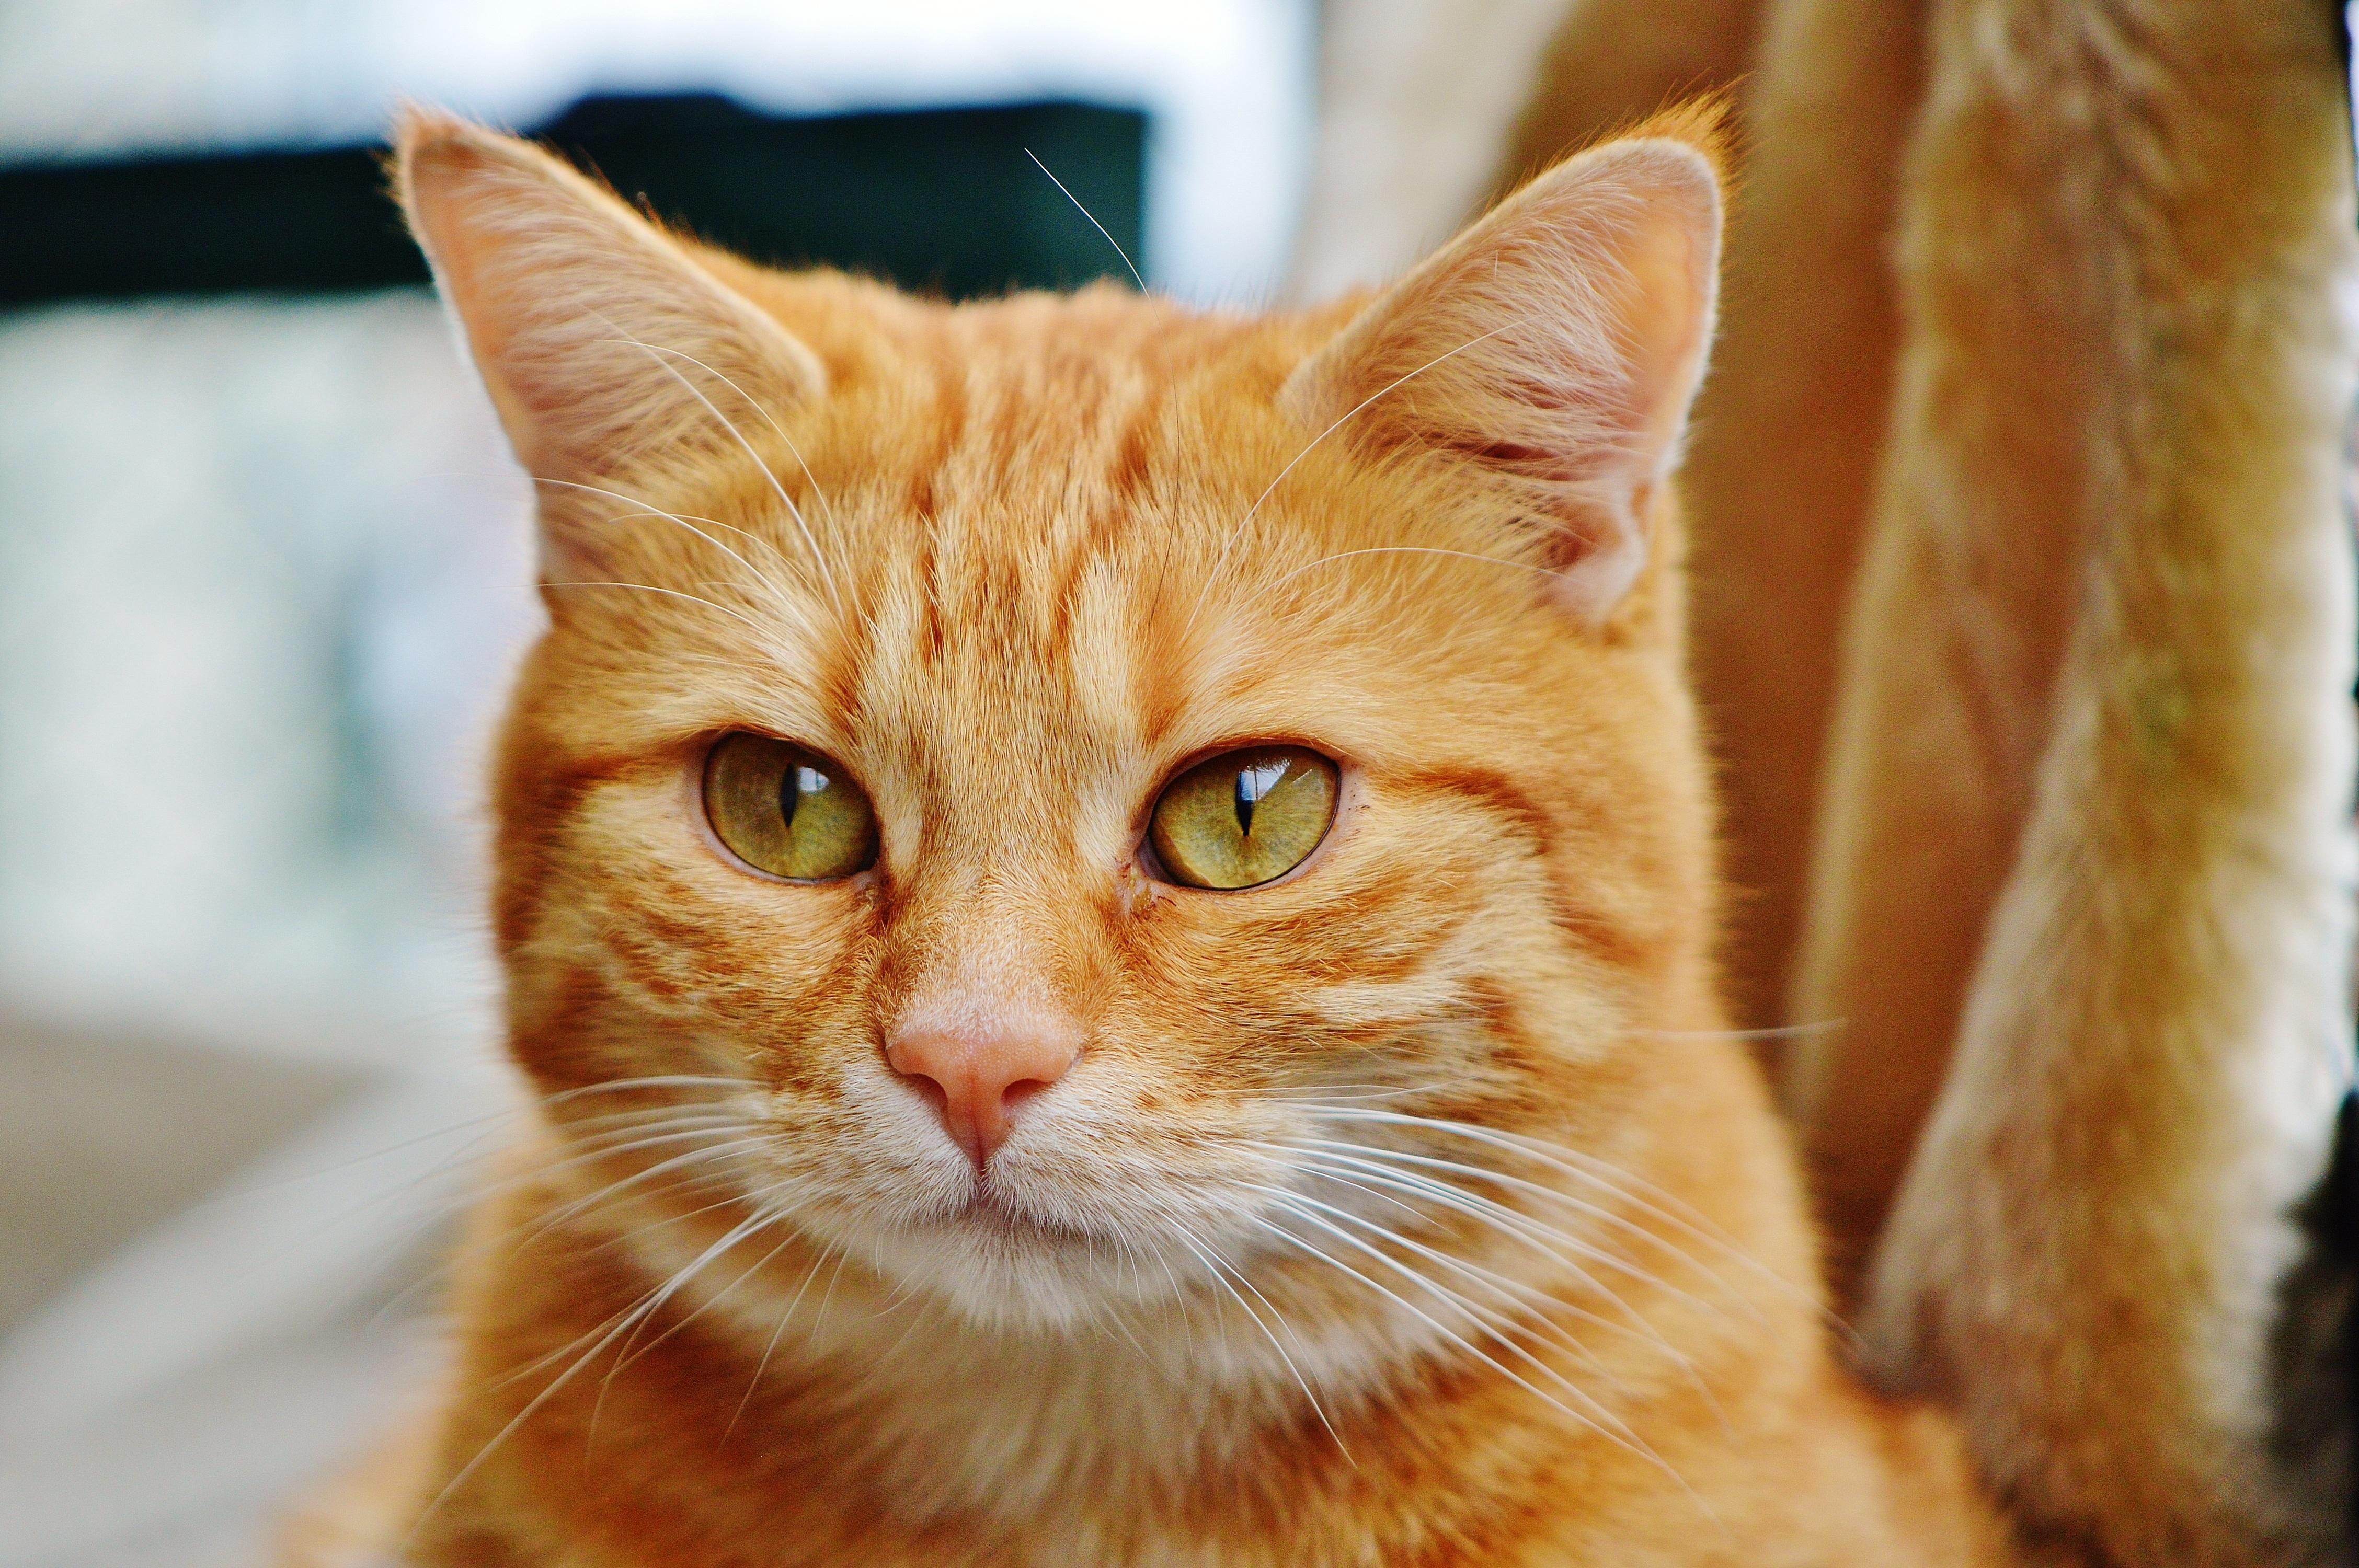 Darmowe Zdjęcia Słodkie Uroczy Zwierzę Domowe Futro Kotek